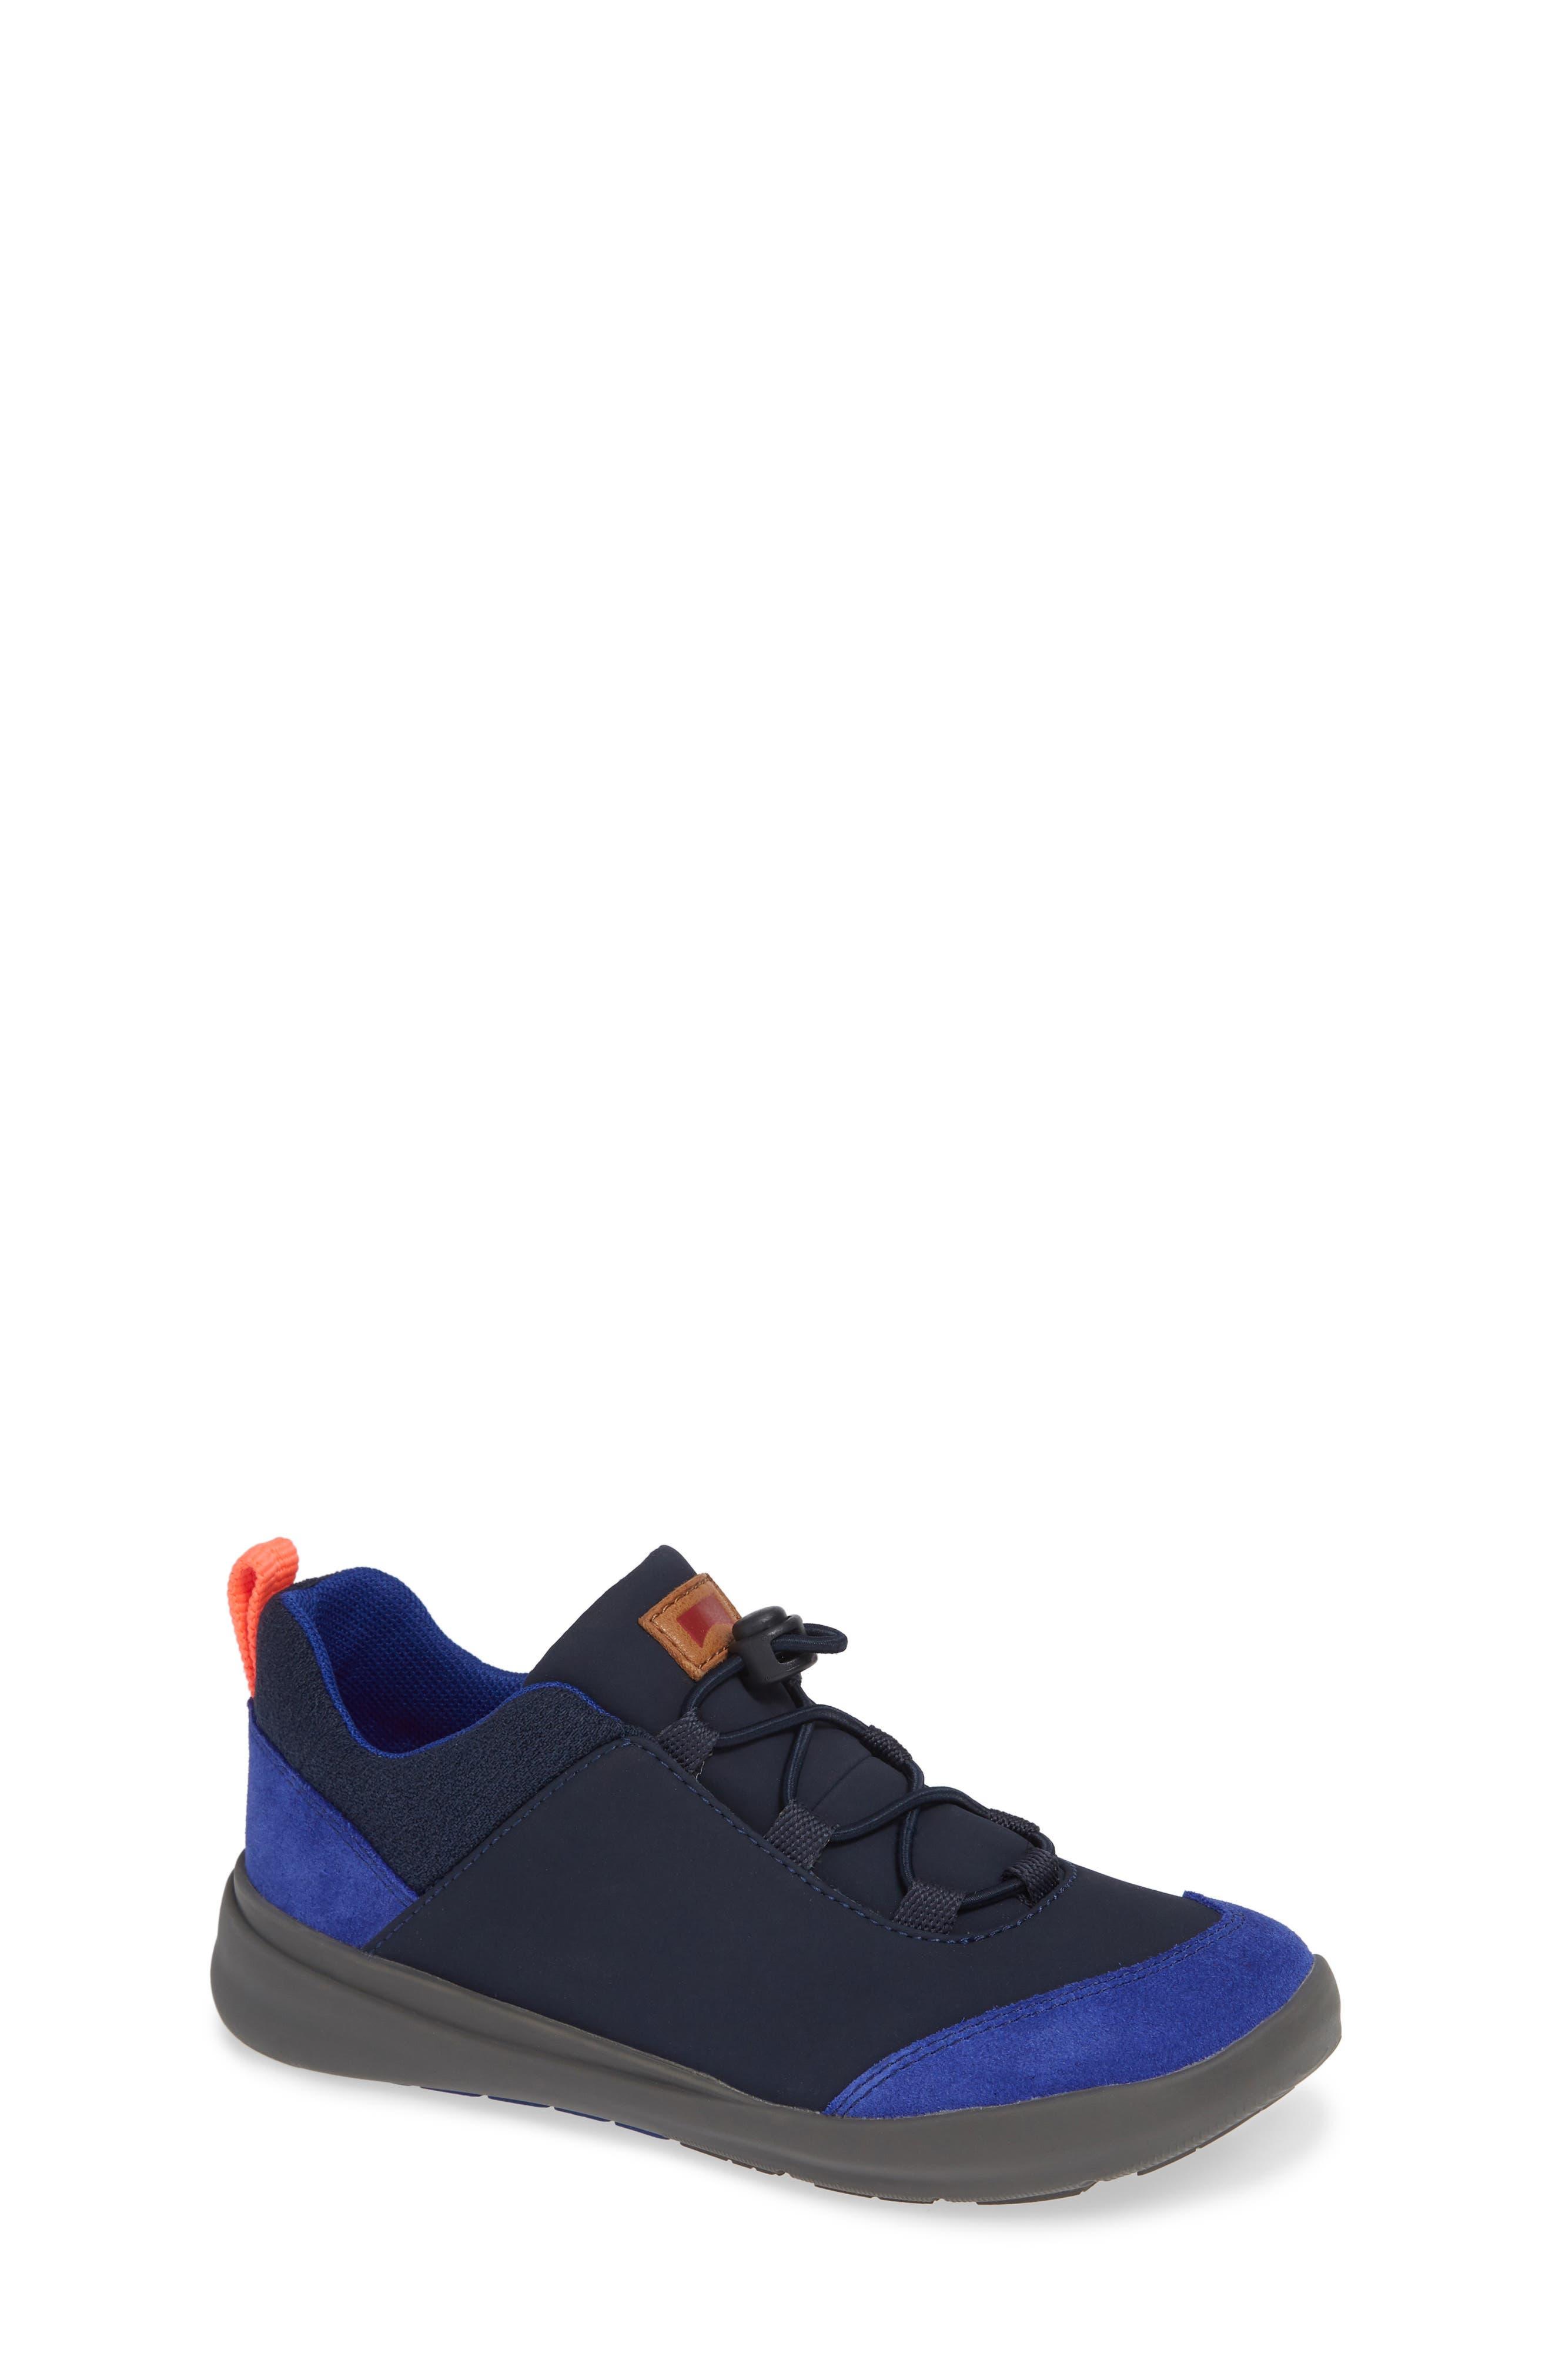 Ergo Hybrid Sneaker,                         Main,                         color, BLUE MULTI